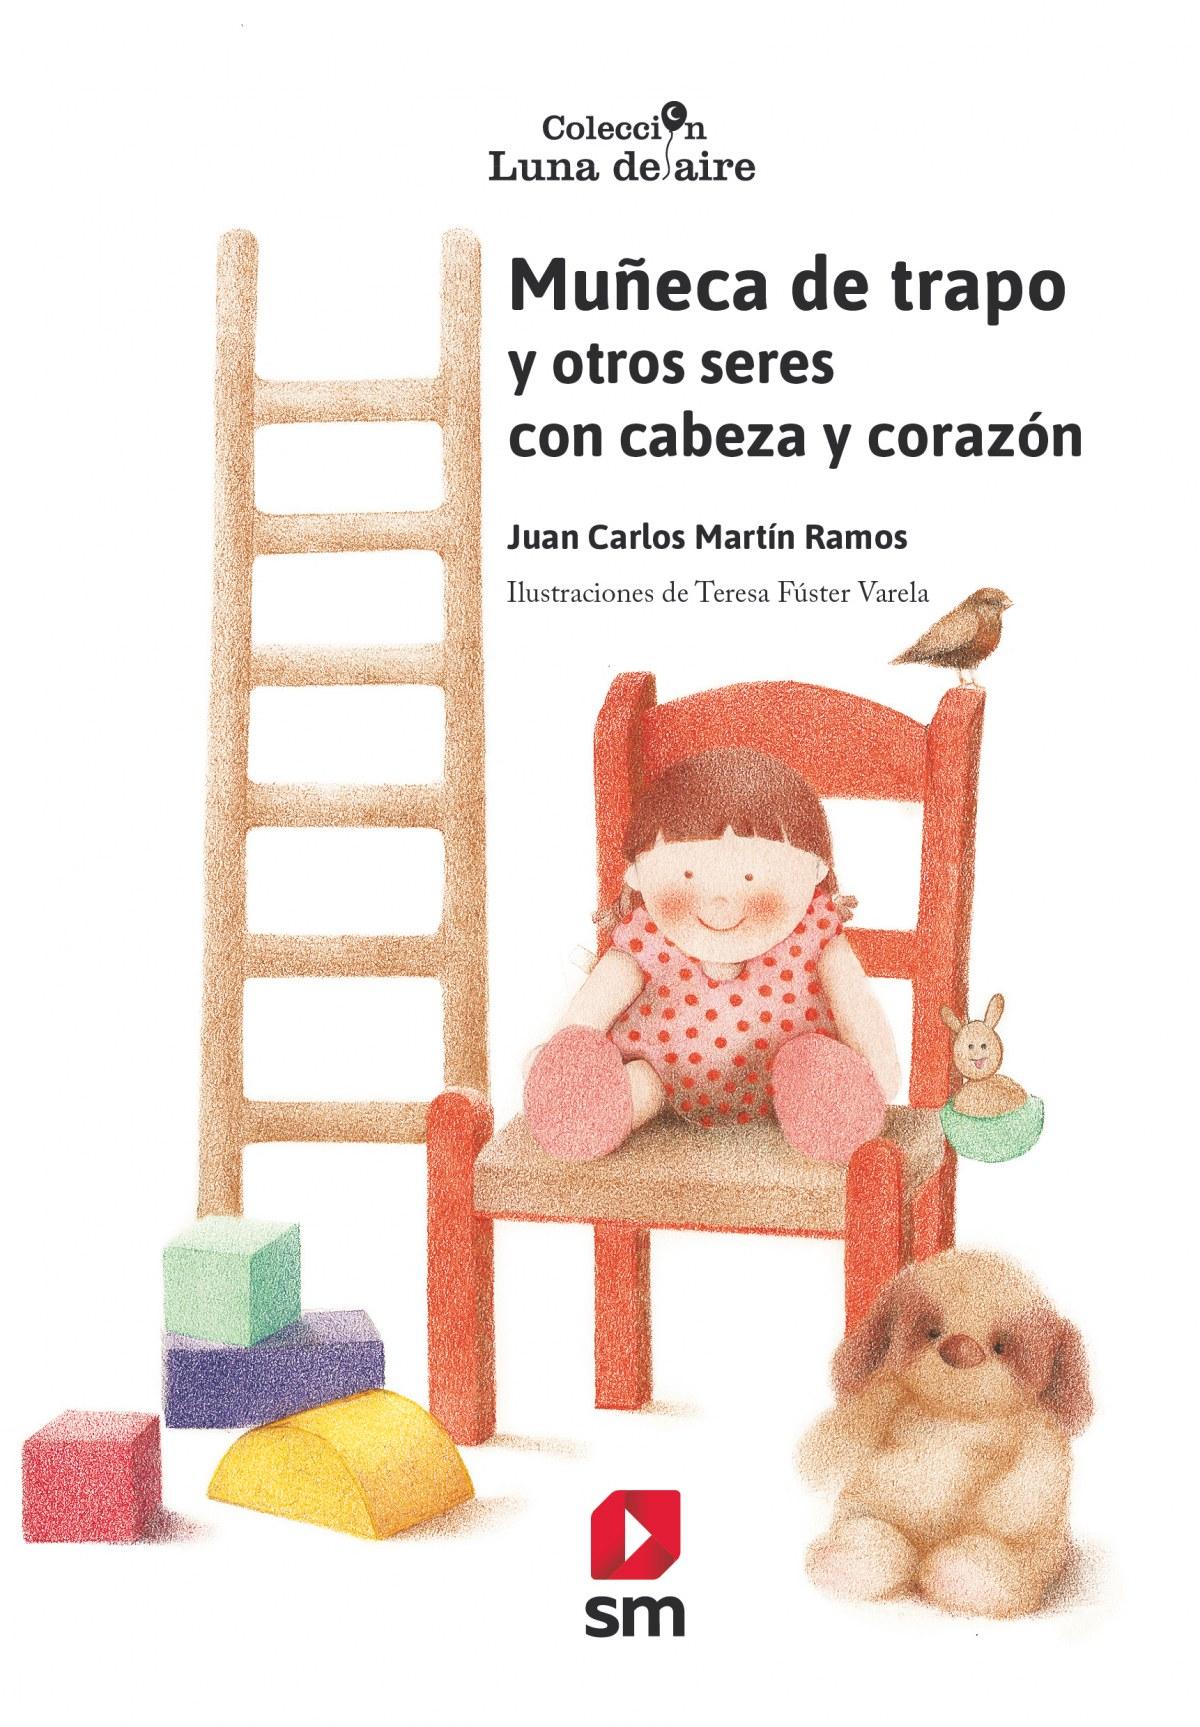 Muñeca de trapo